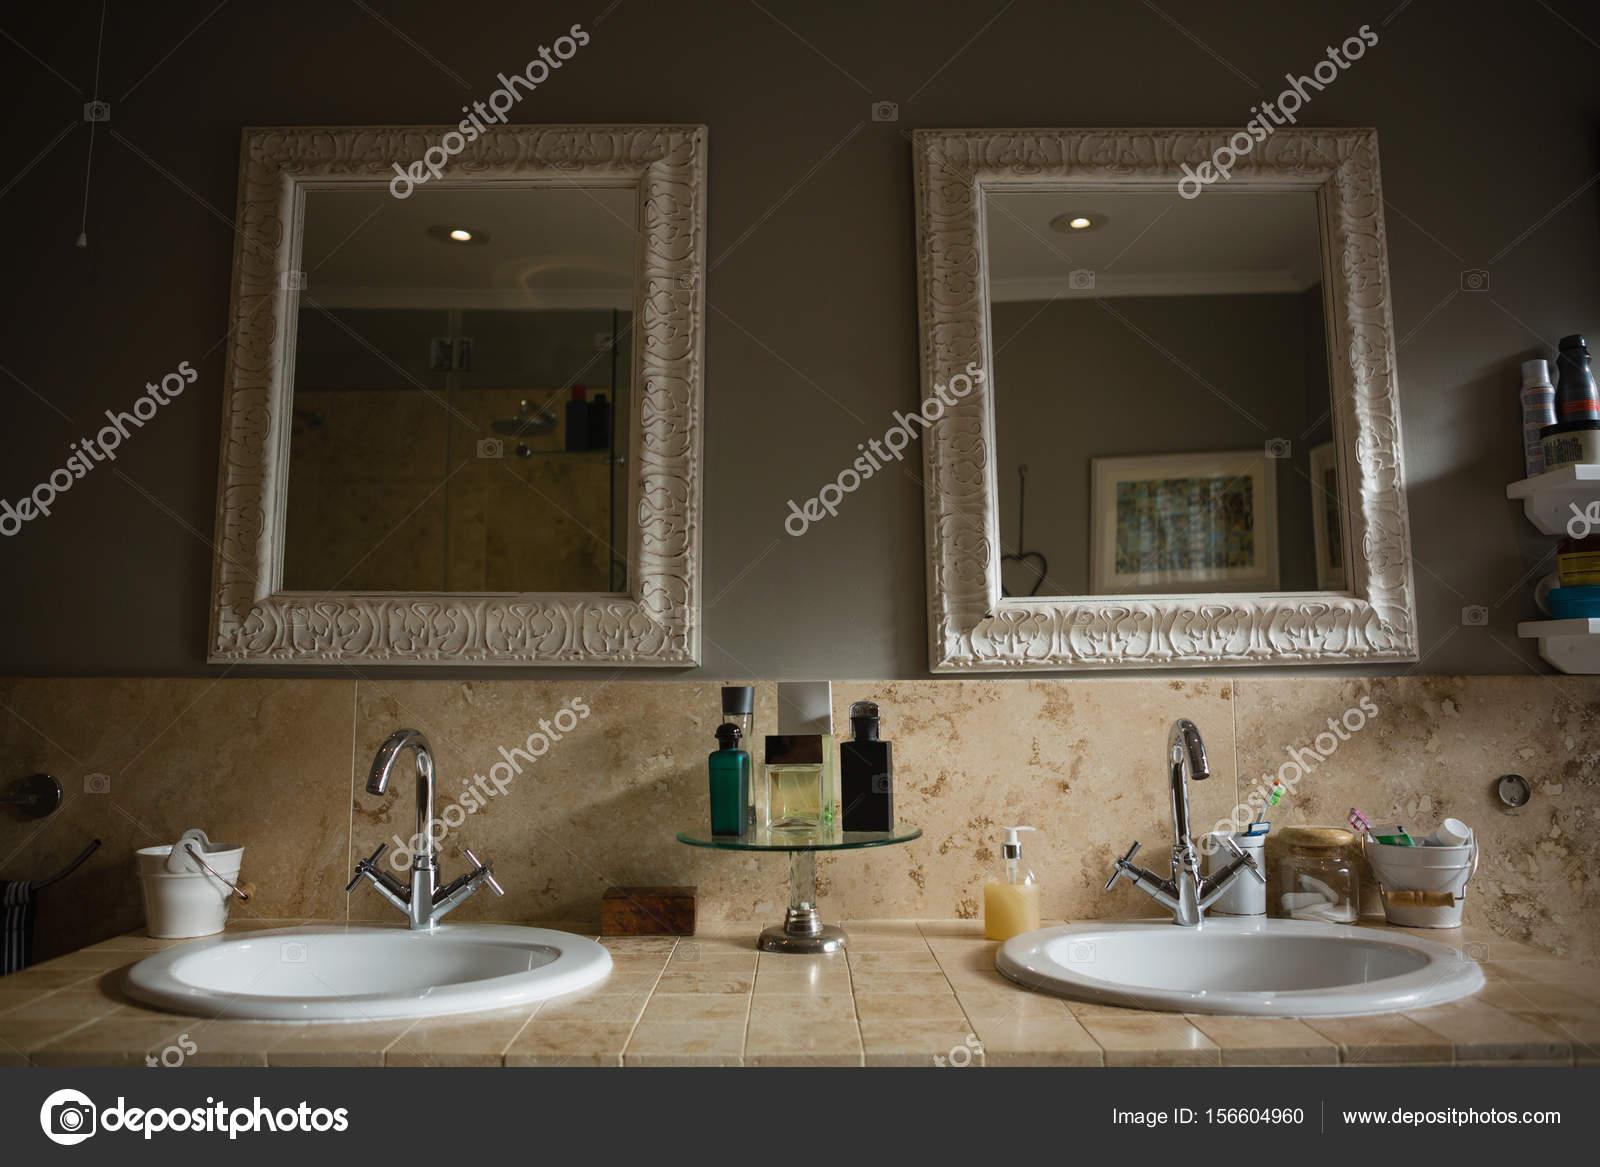 Opknoping op de muur door wastafel in badkamer spiegels — Stockfoto ...